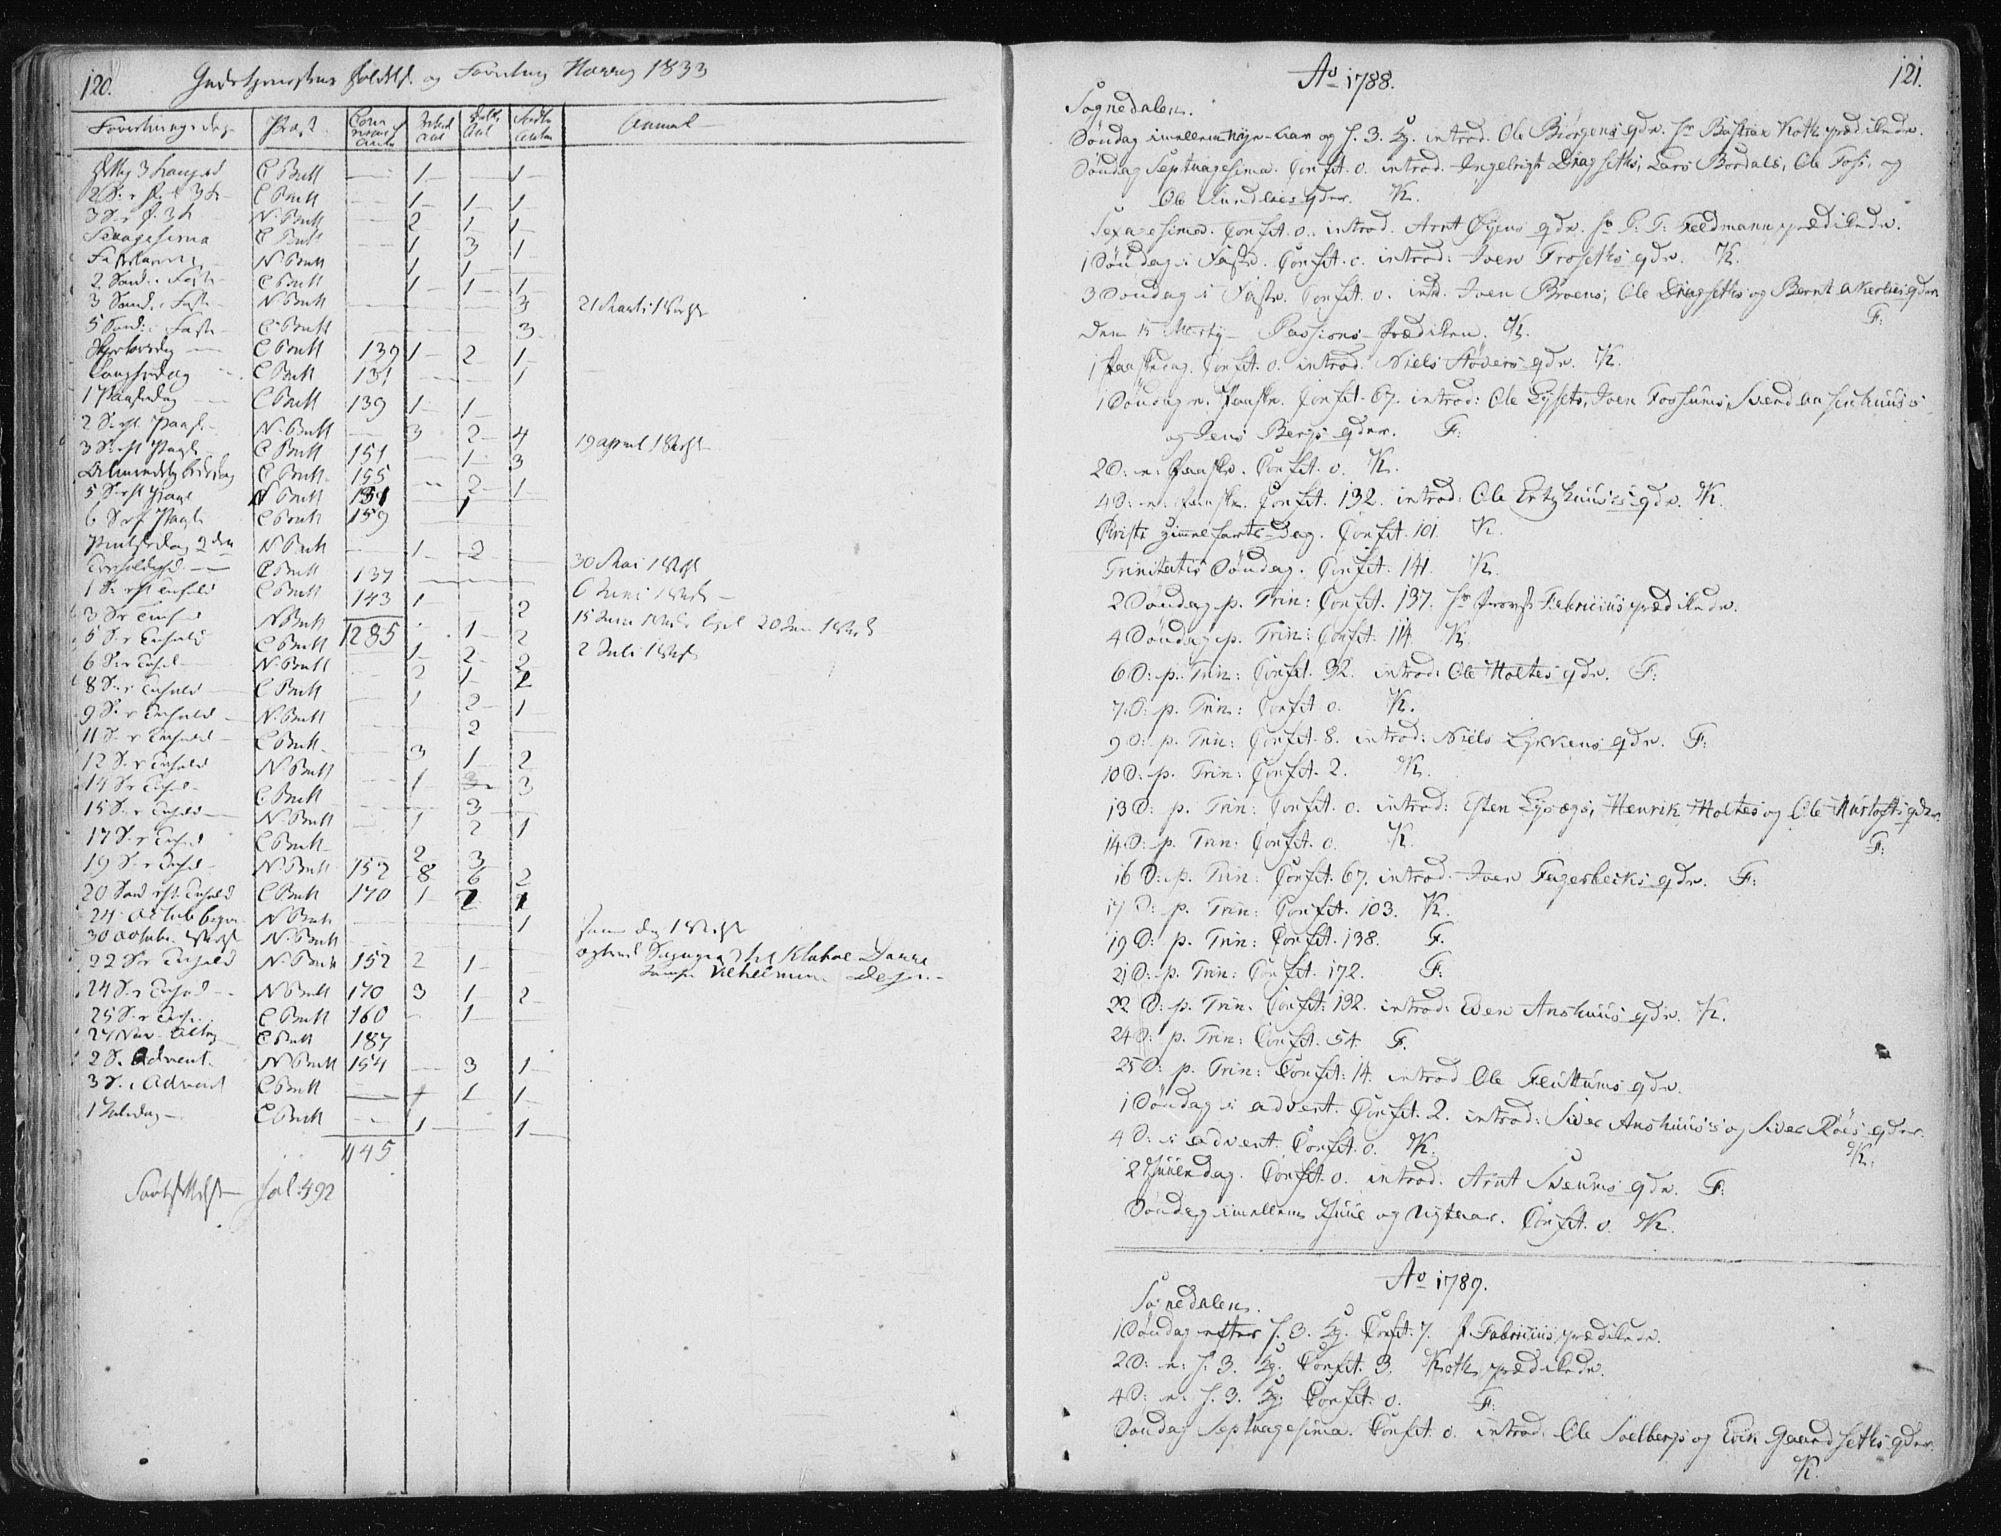 SAT, Ministerialprotokoller, klokkerbøker og fødselsregistre - Sør-Trøndelag, 687/L0994: Ministerialbok nr. 687A03 /3, 1788-1815, s. 120-121